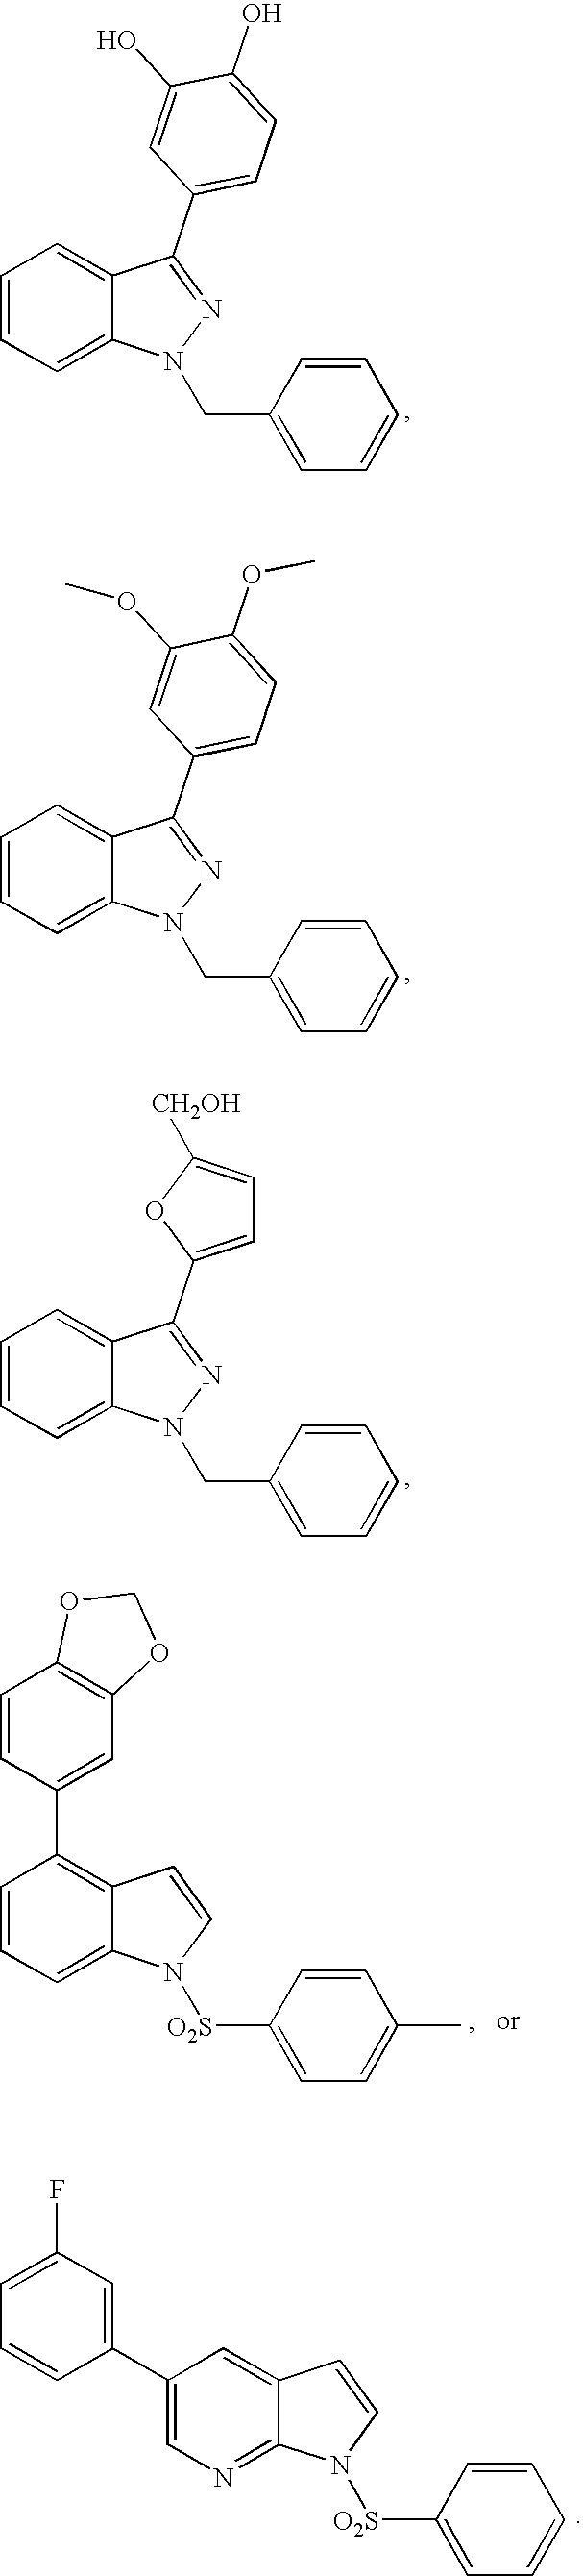 Figure US07605168-20091020-C00002